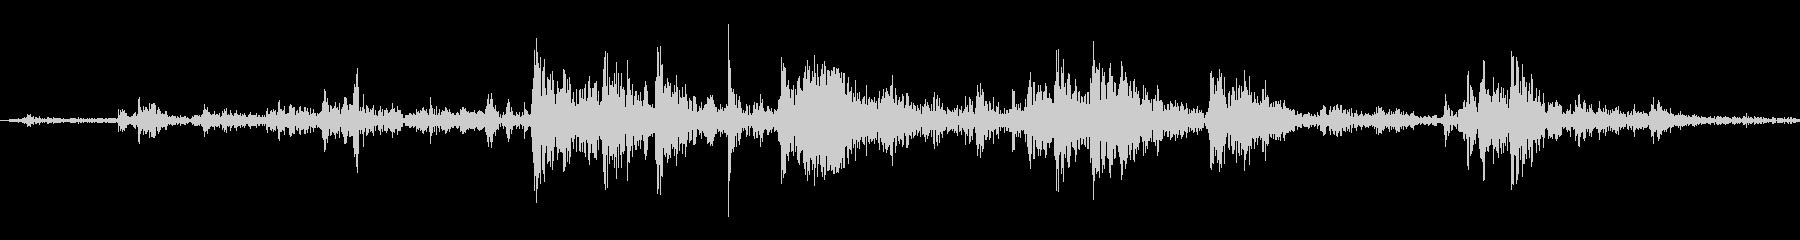 氷を入れる音(シャカ、カラン)の未再生の波形